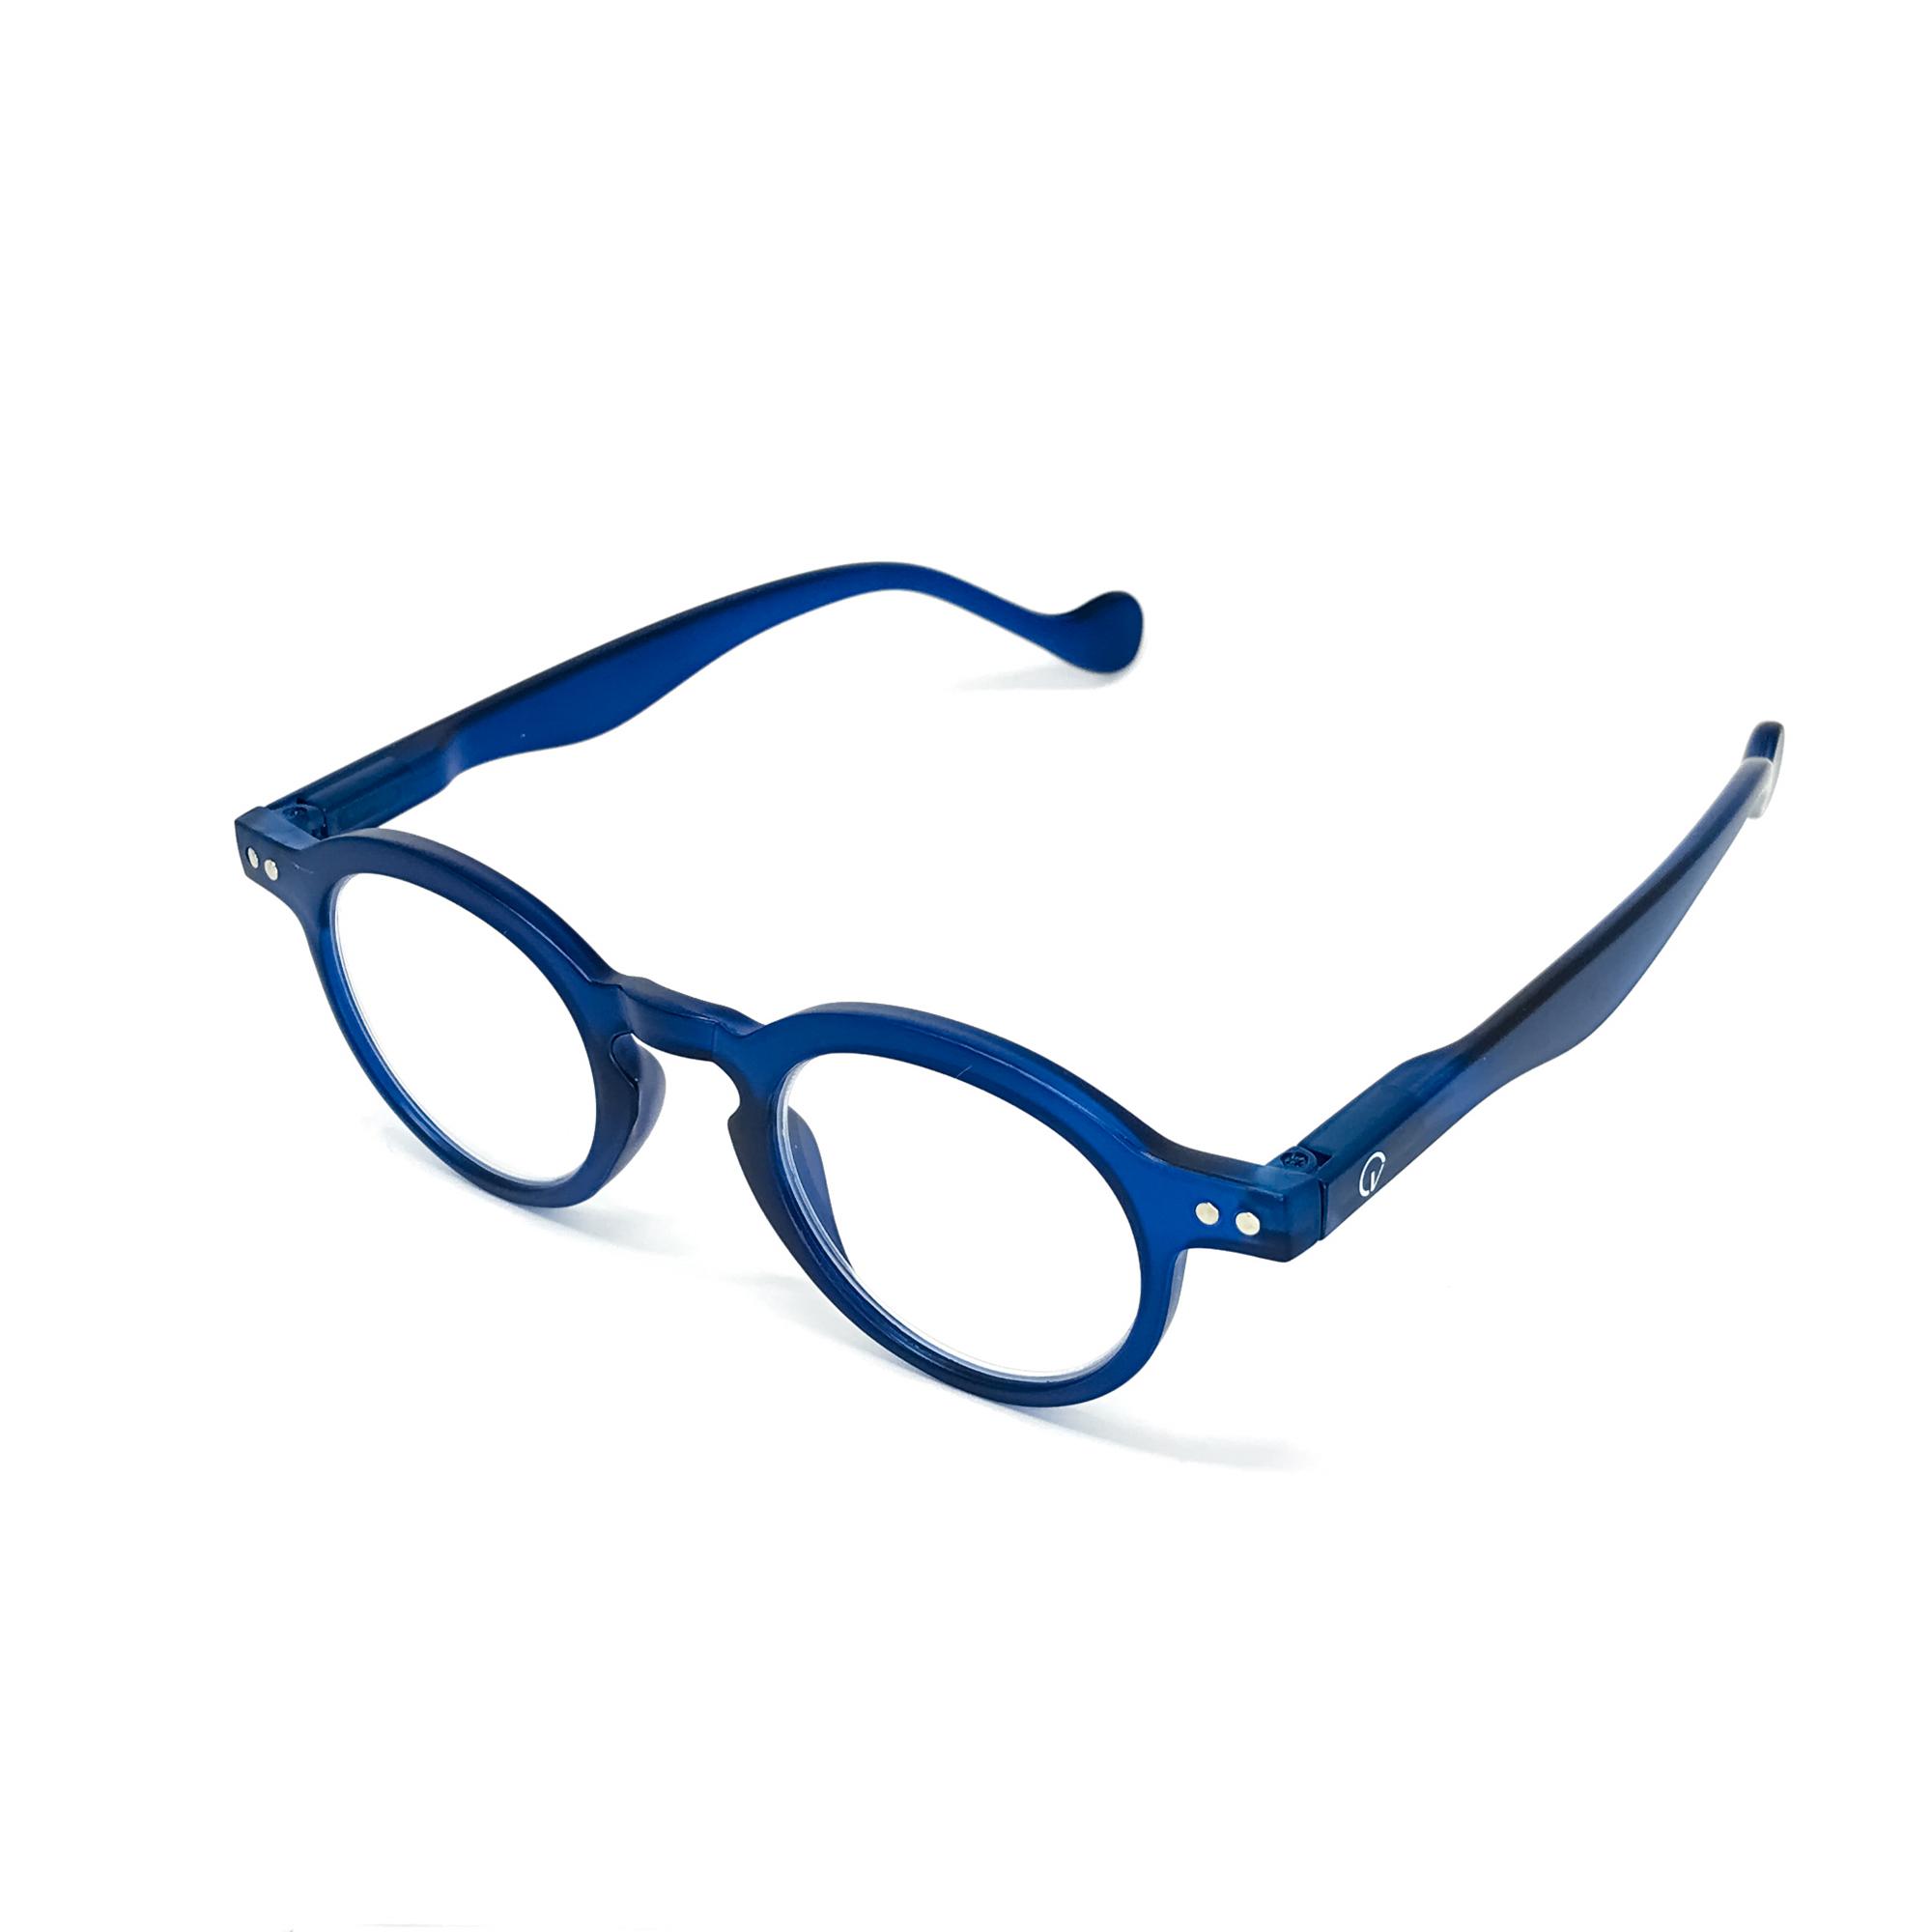 0860051-Óculos Leitura Redondo Azul +1,00 - Contém 1 Peça  - ENTREGA IMEDIATA